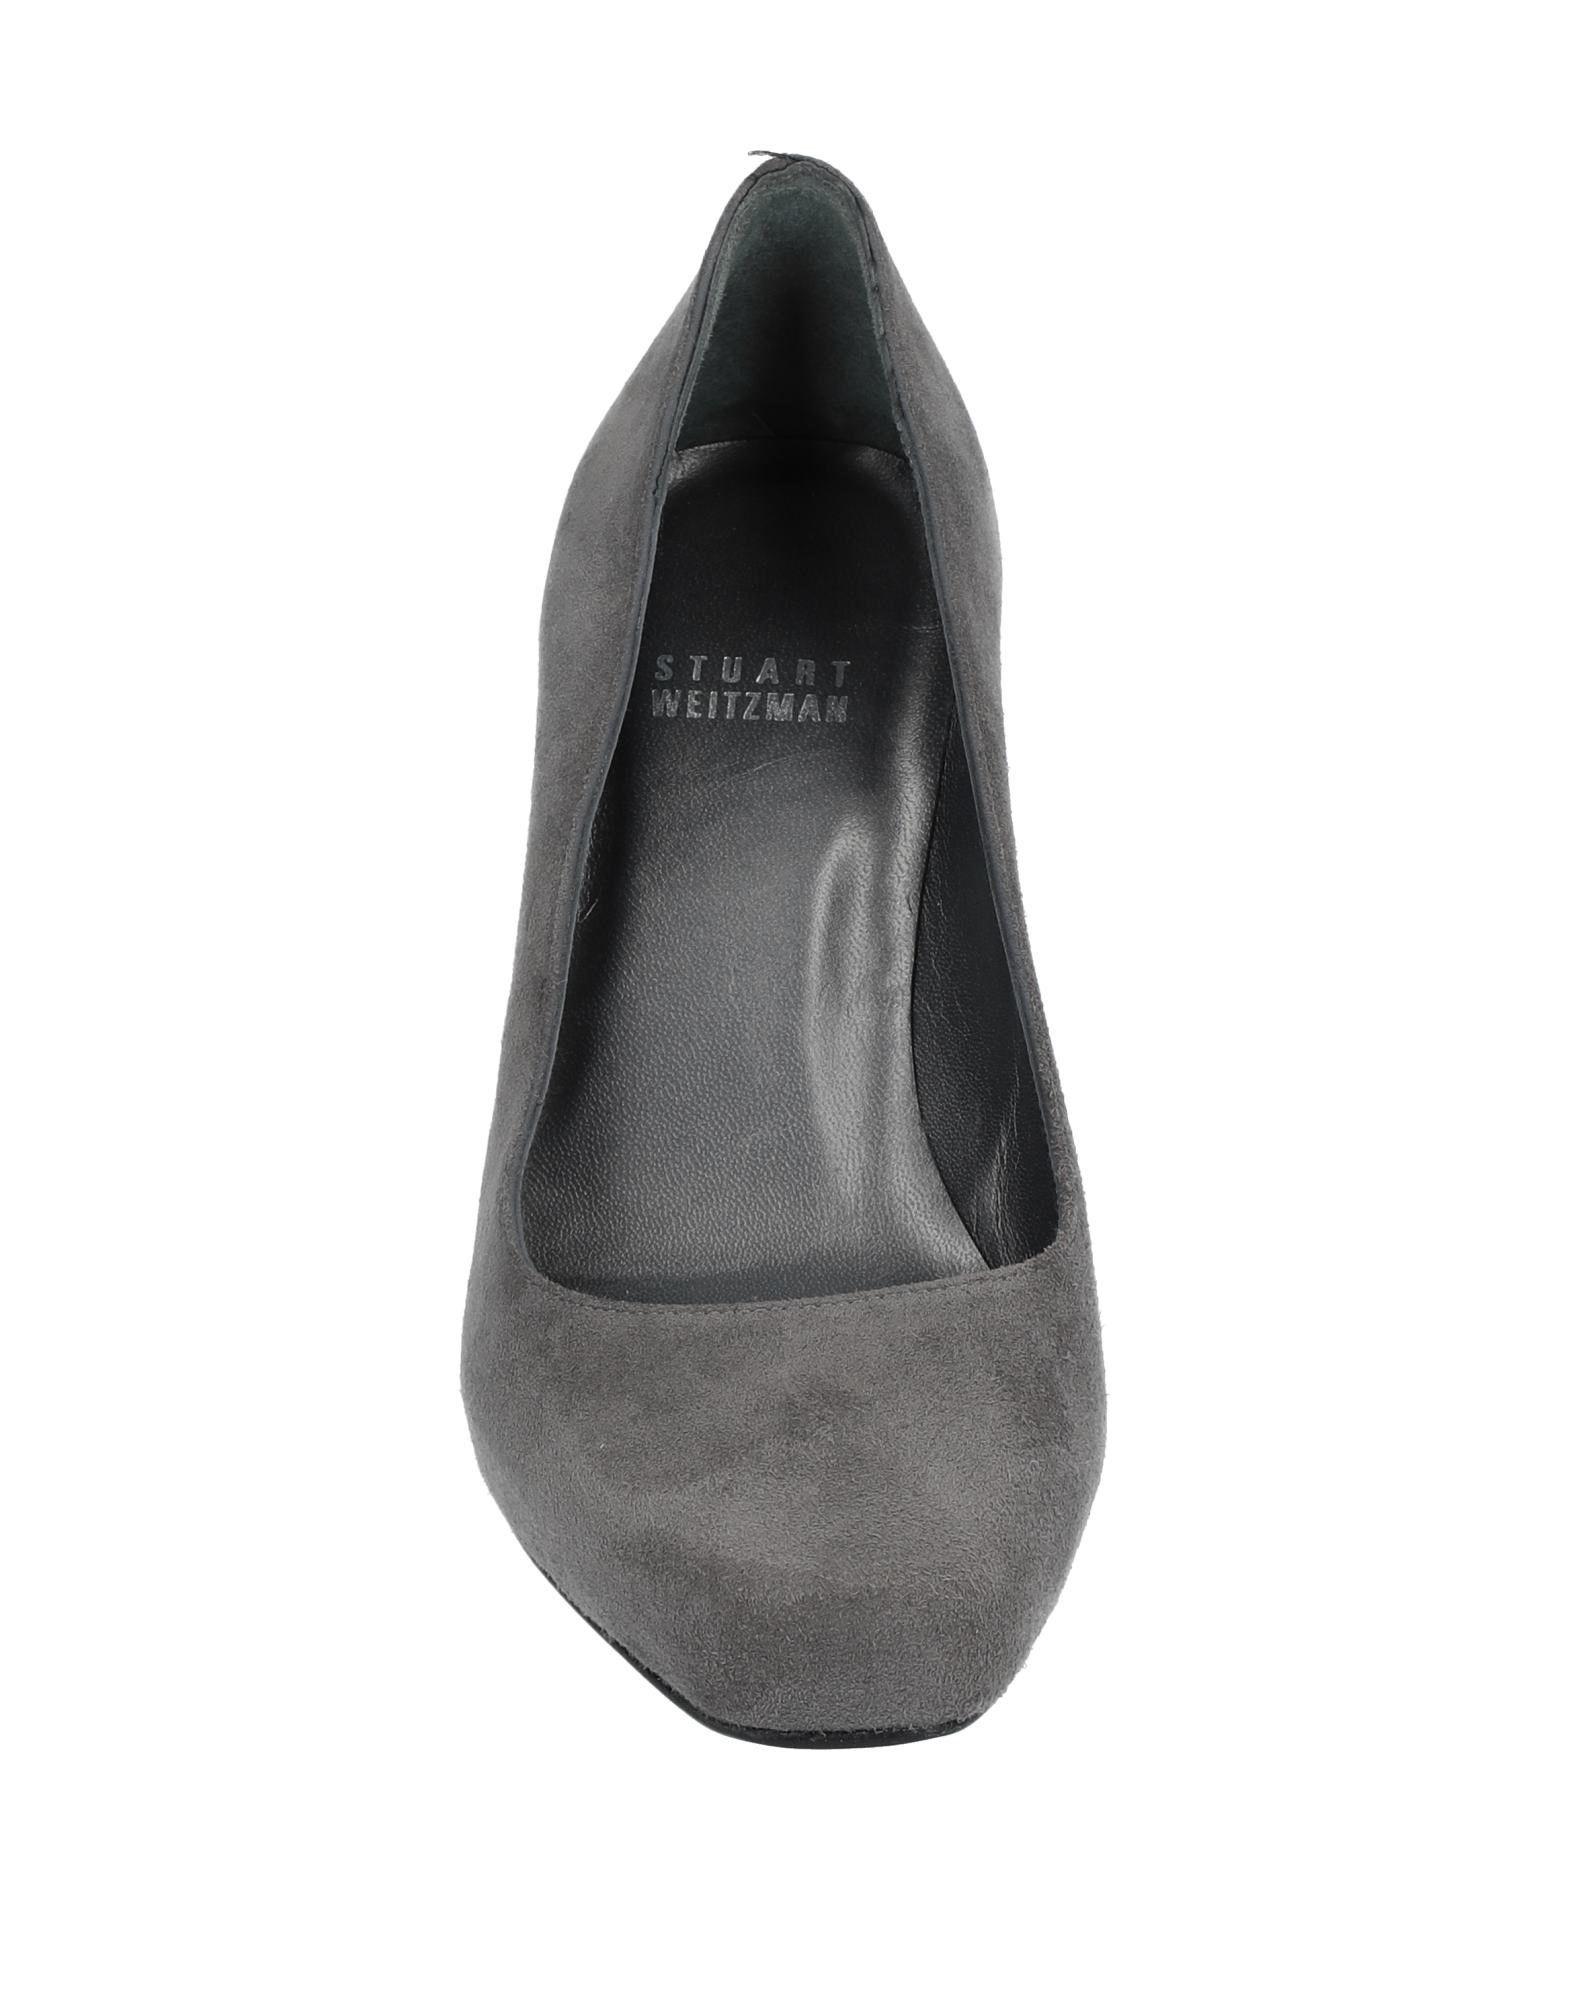 Stilvolle Pumps billige Schuhe Stuart Weitzman Pumps Stilvolle Damen  11530236JL 93c1ae